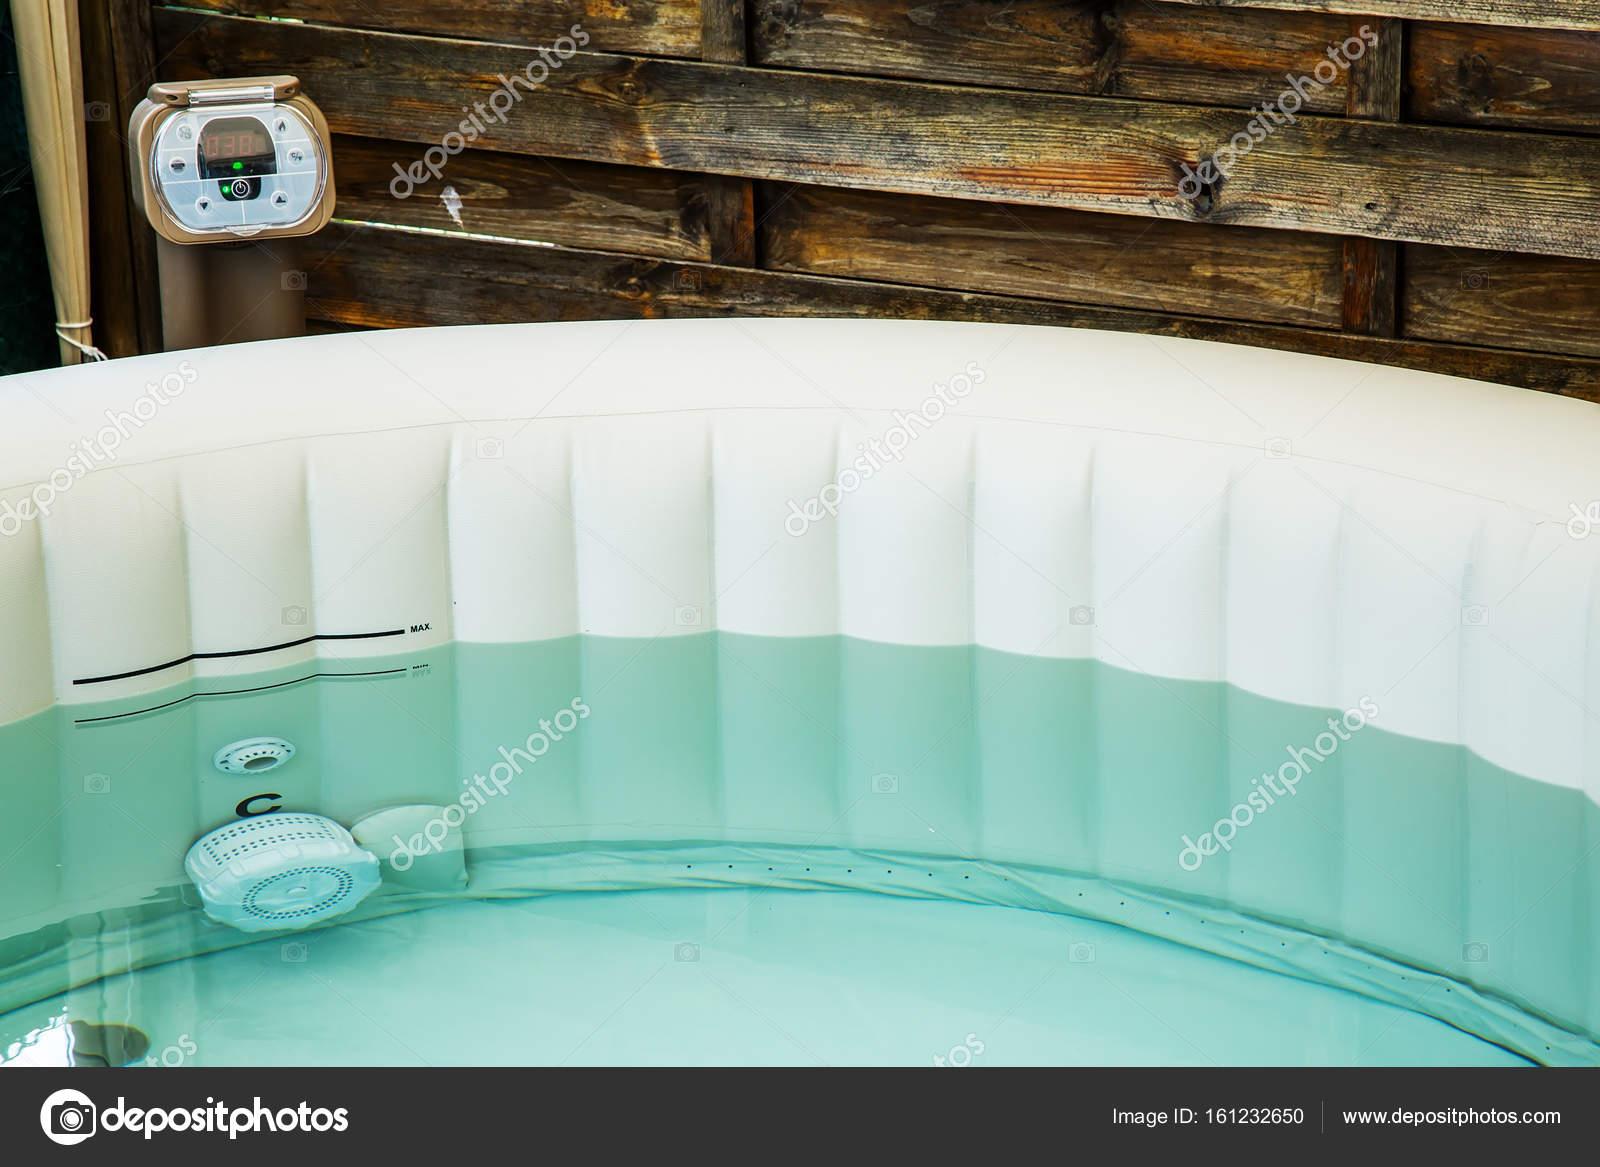 Vasca Da Bagno Plastica Portatile : Vasca idromassaggio portatile home spa con unità di filtrazione e